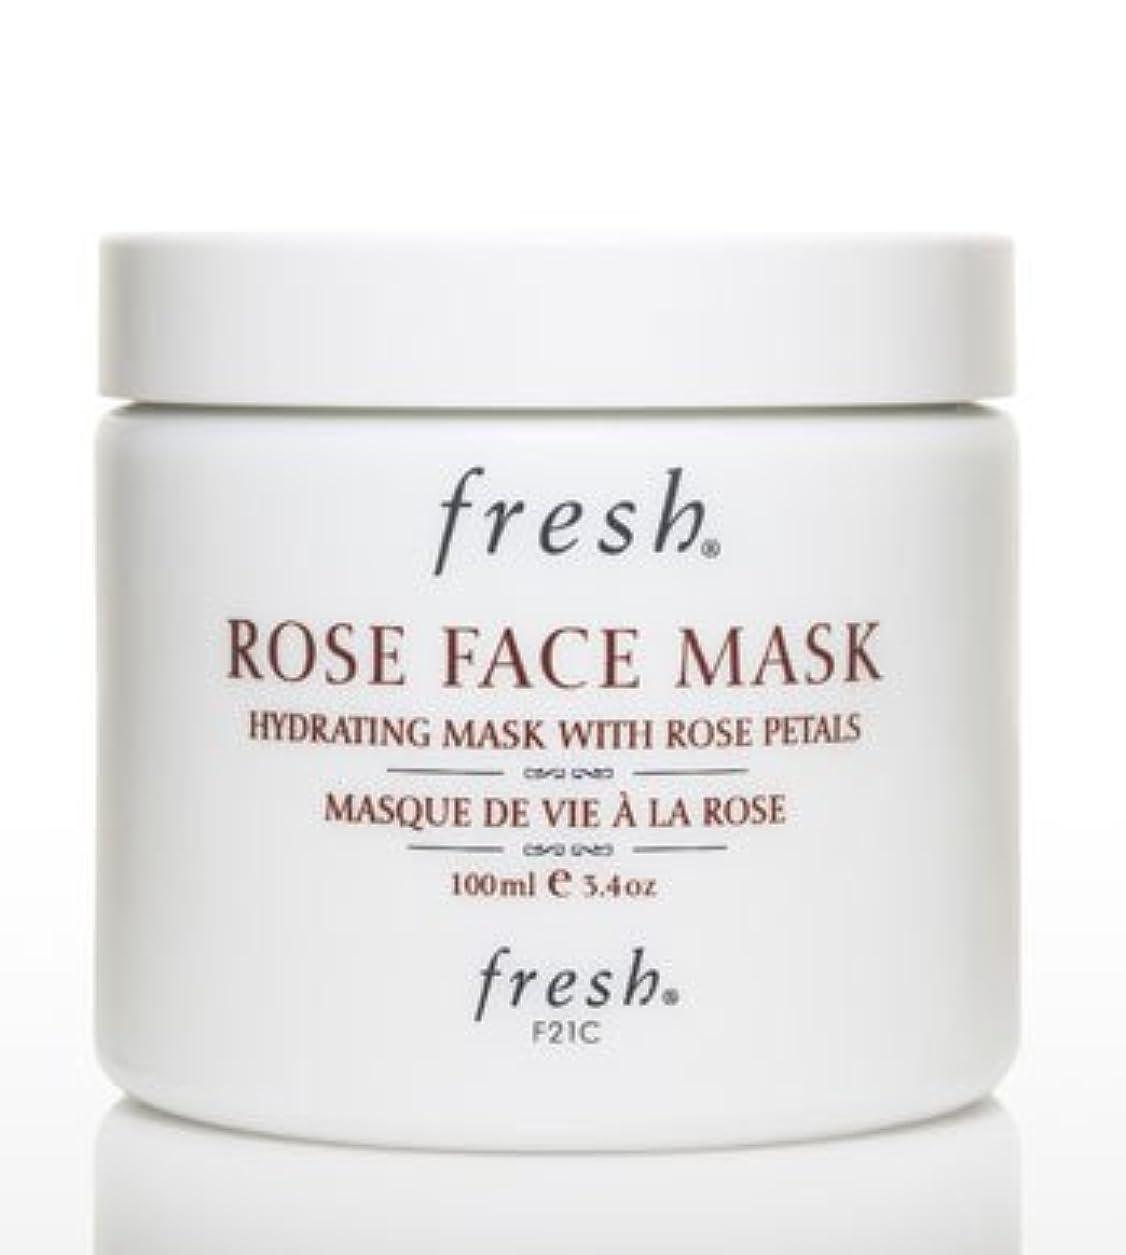 もろいレジデンスウミウシFresh ROSE FACE MASK (フレッシュ ローズフェイスマスク) 3.4 oz (100g) by Fresh for Women